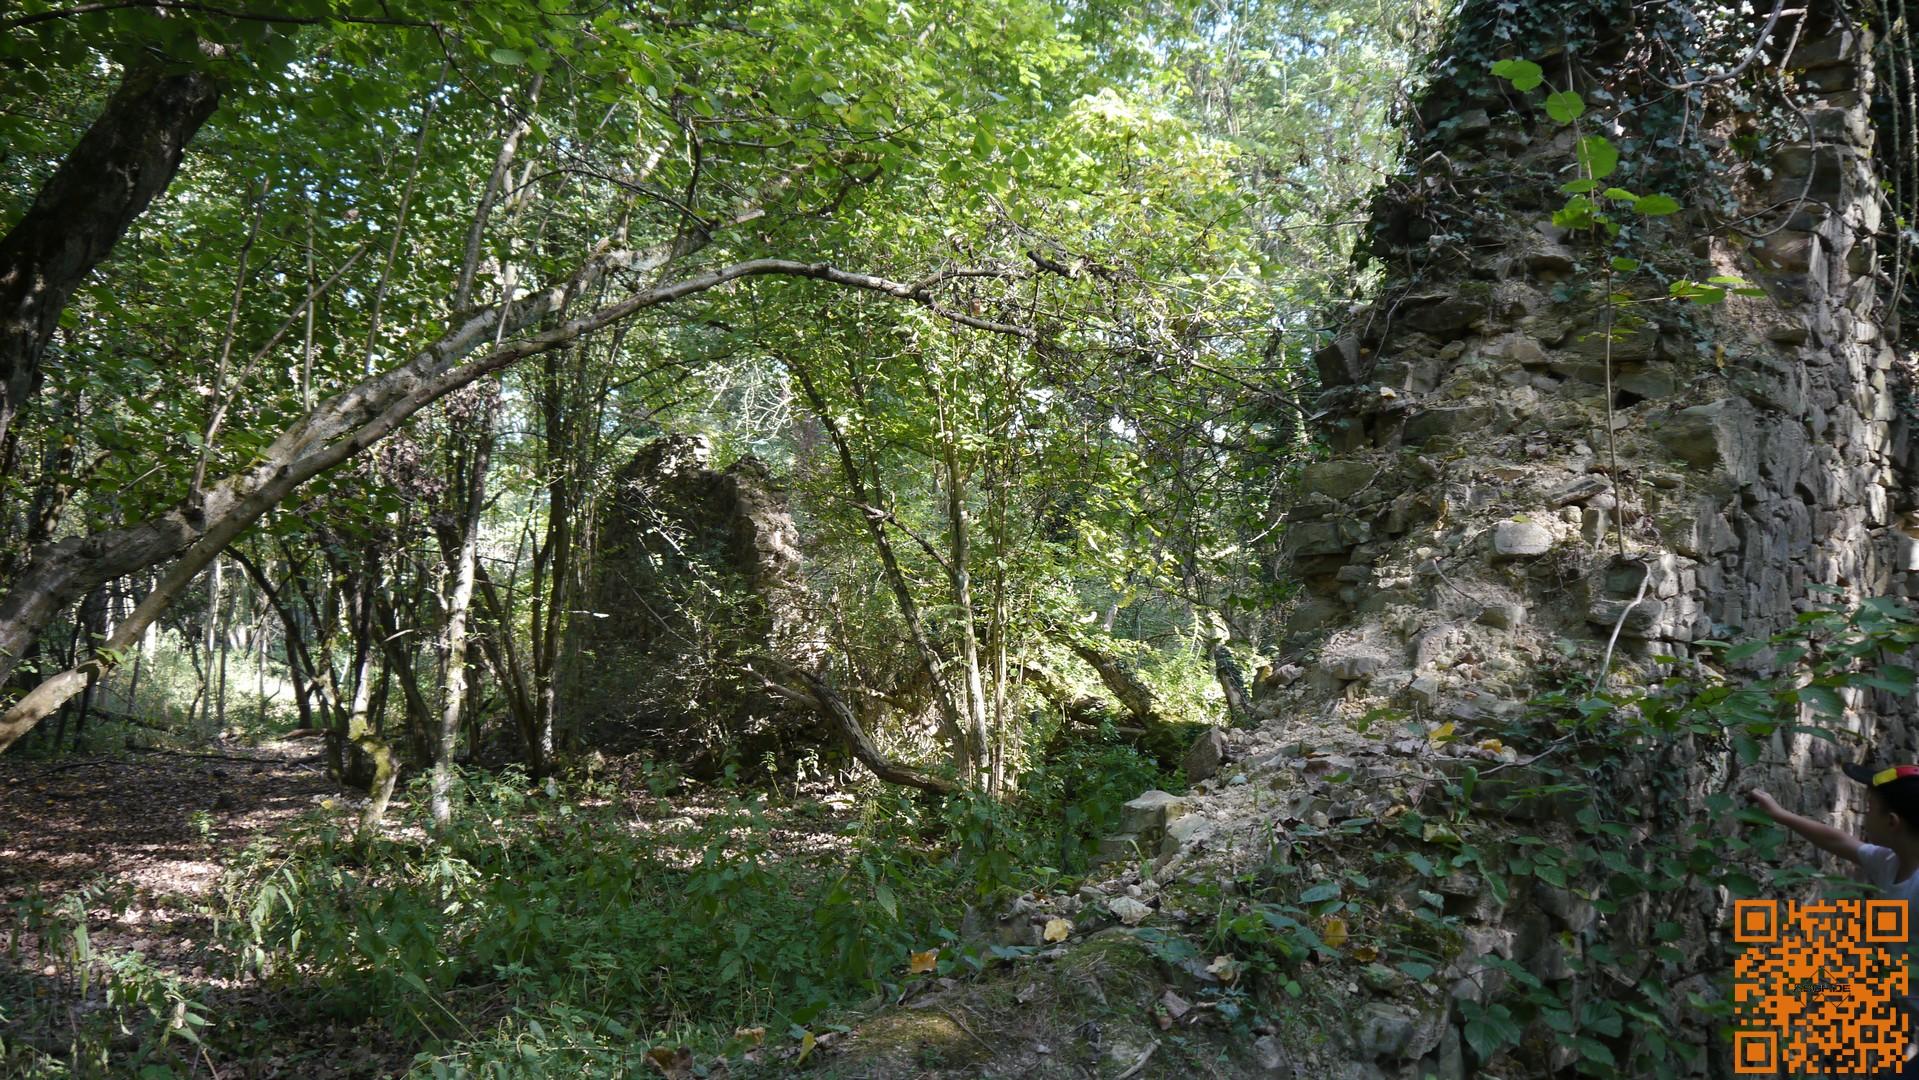 kloster-25-09-16-04